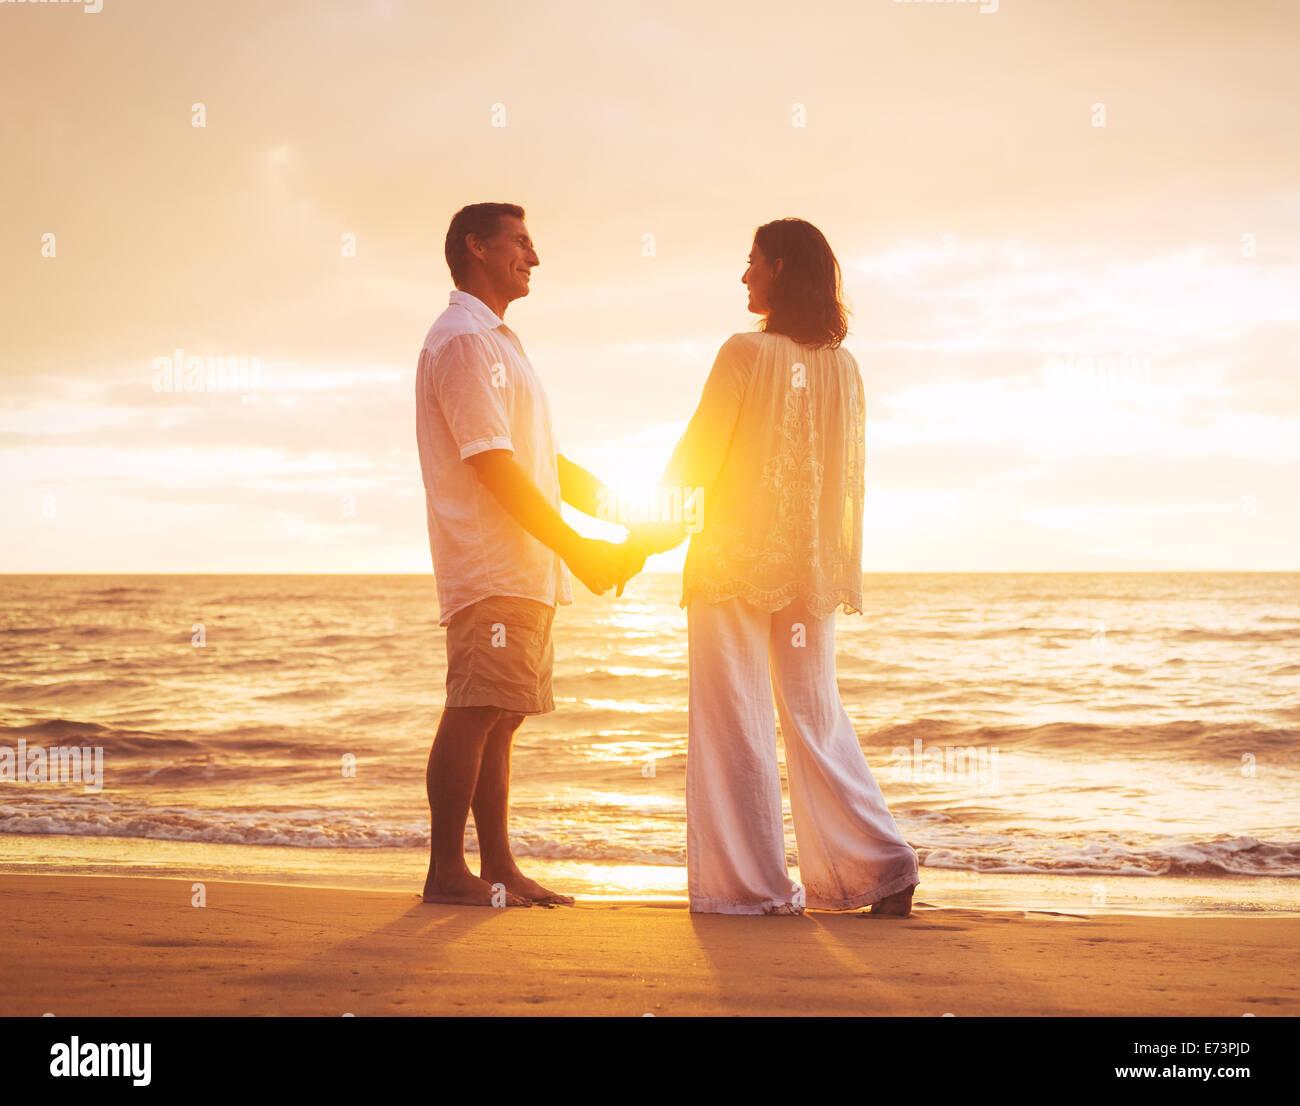 Romántica pareja disfrutando del atardecer en la playa. Imagen De Stock